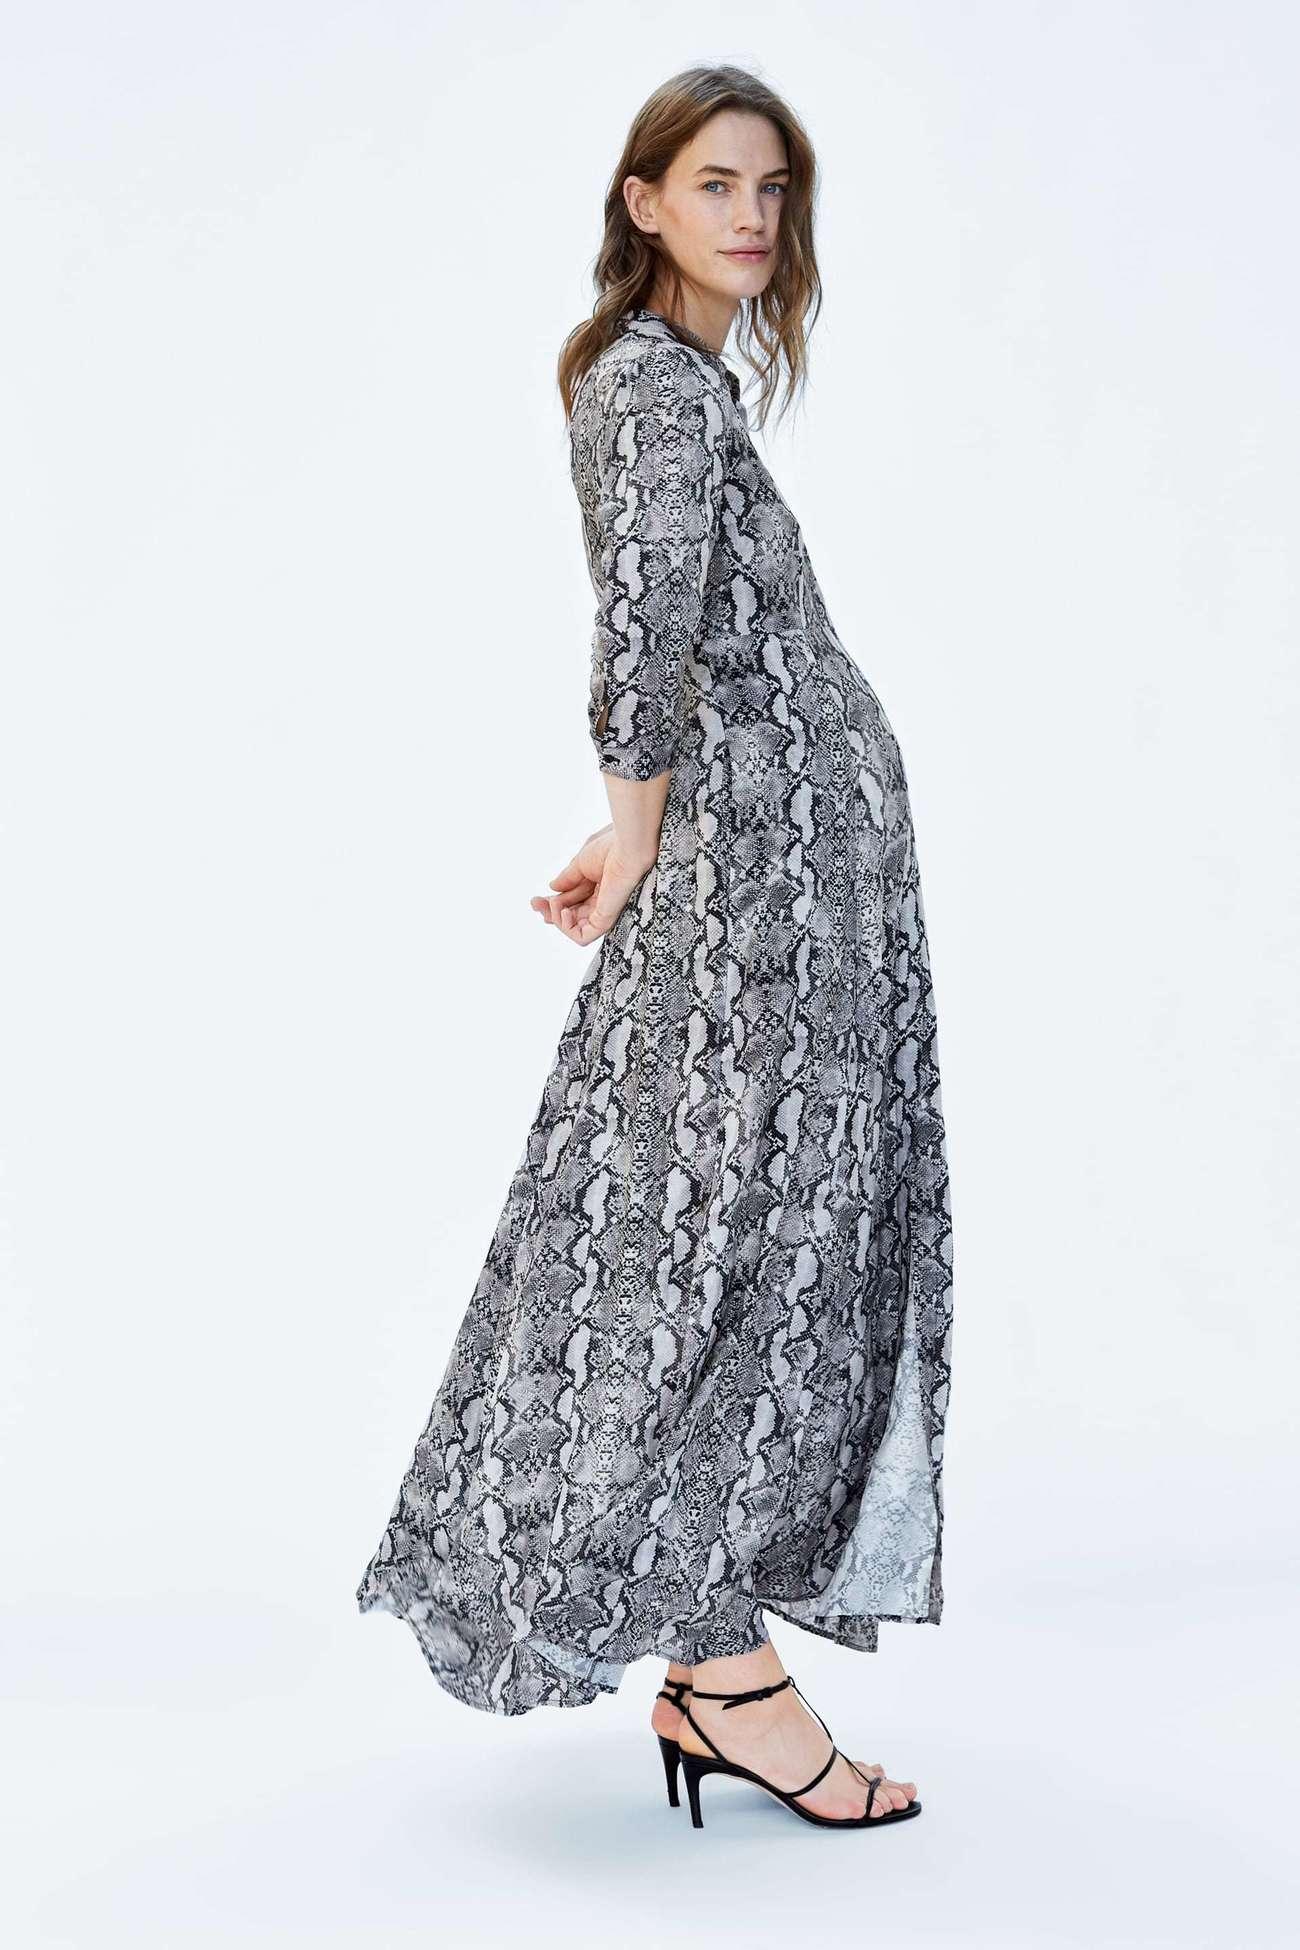 mitad de descuento 7a79d e26d8 Colección Mum X Zara | Mum X Zara: La nueva colección premamá...